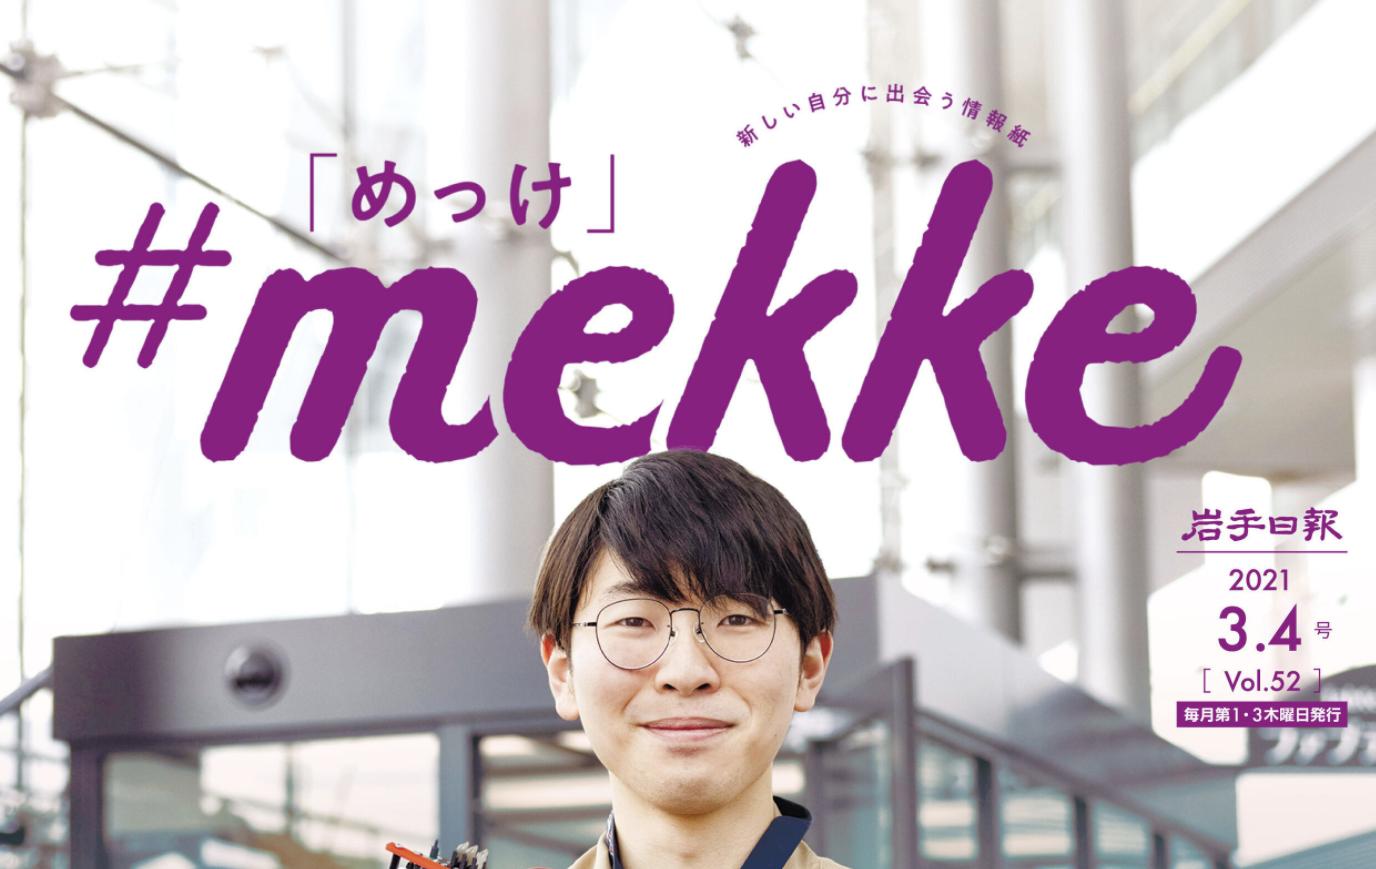 岩手日報特集 mekkeで紹介されました!